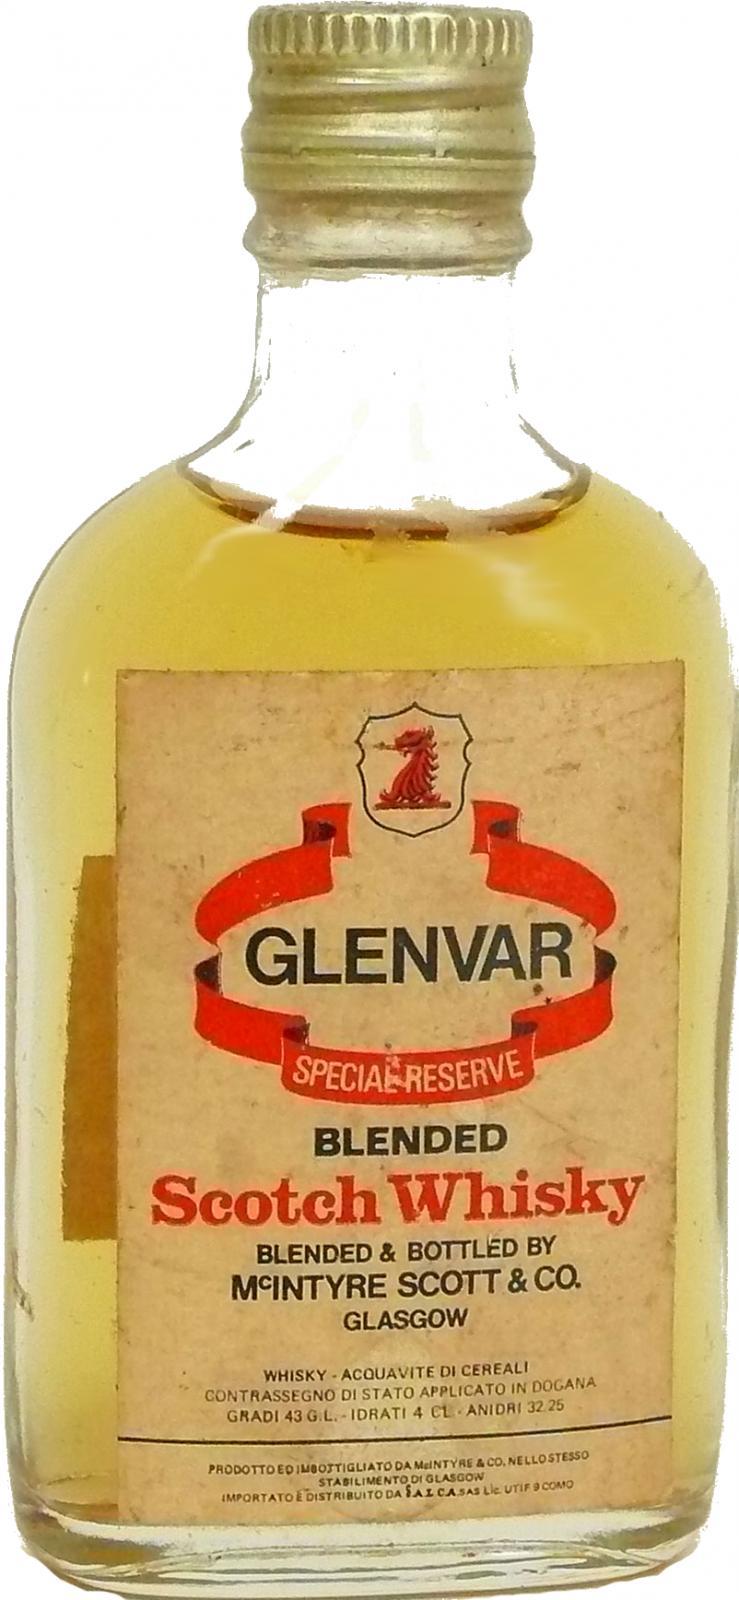 Glenvar Special Reserve